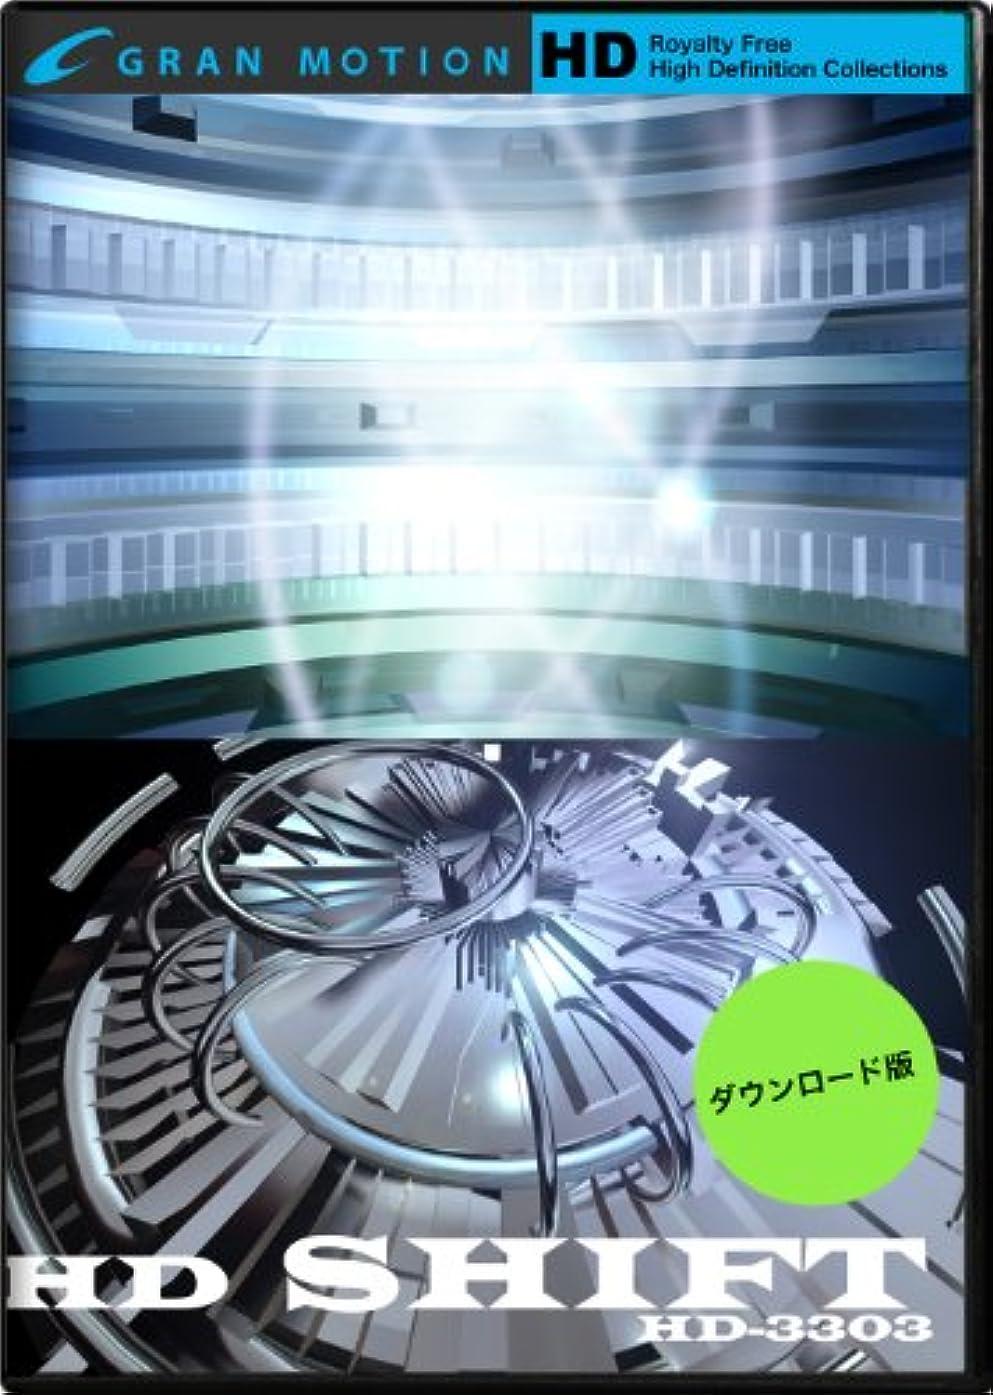 土器変なおもしろいグランモーション HD-3303 シフト [ダウンロード]